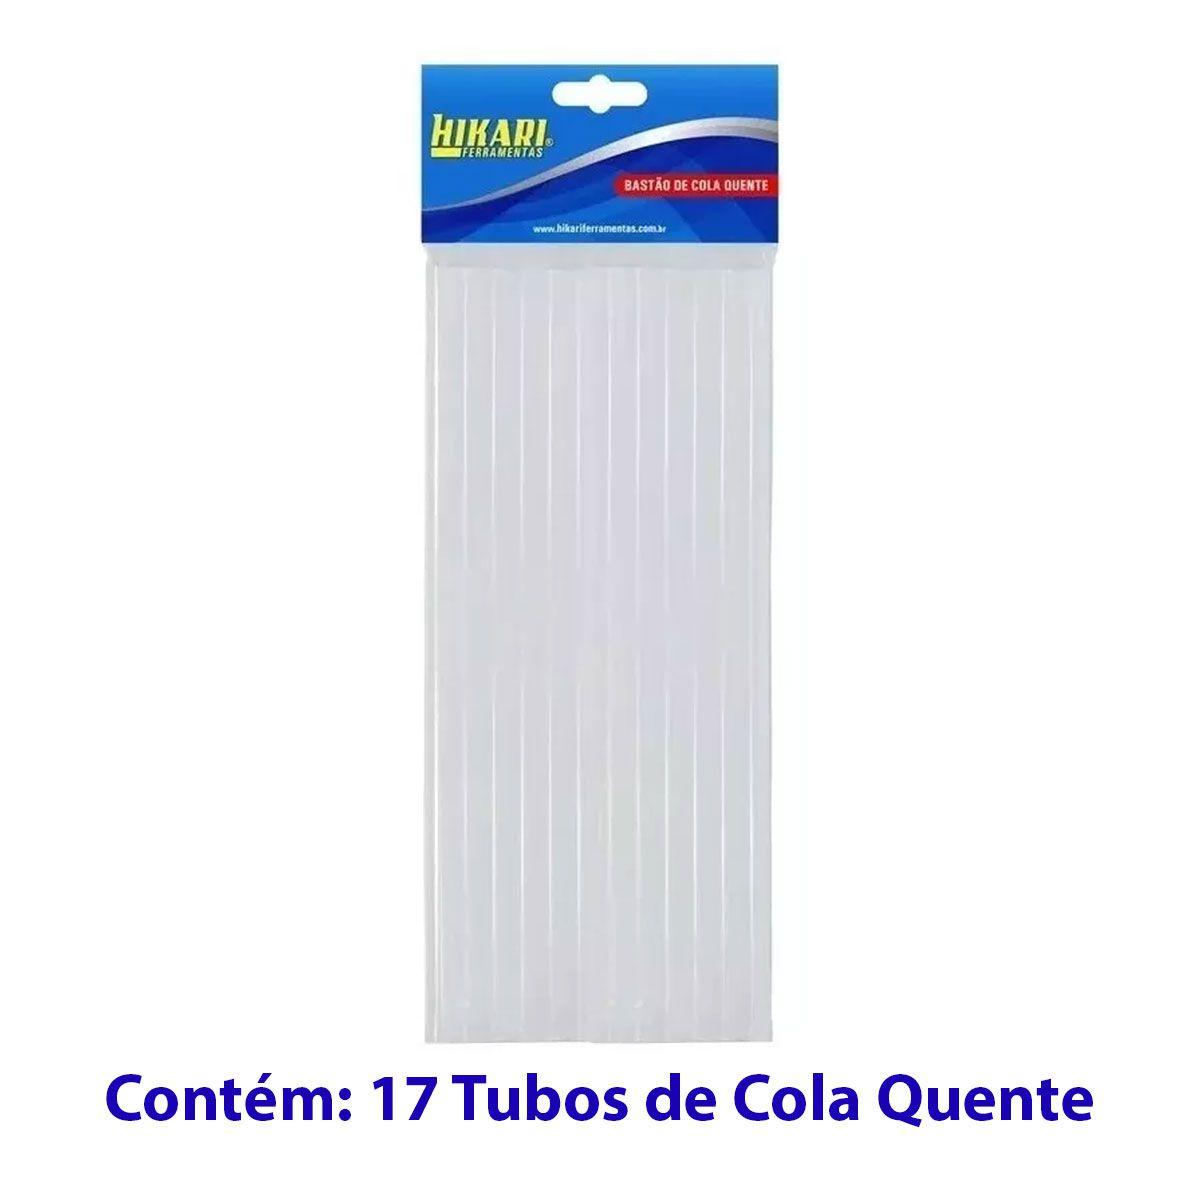 Bastão / Tubo de Cola Quente Grosso 11,2mm x 30cm com 17 unidades - Hikari